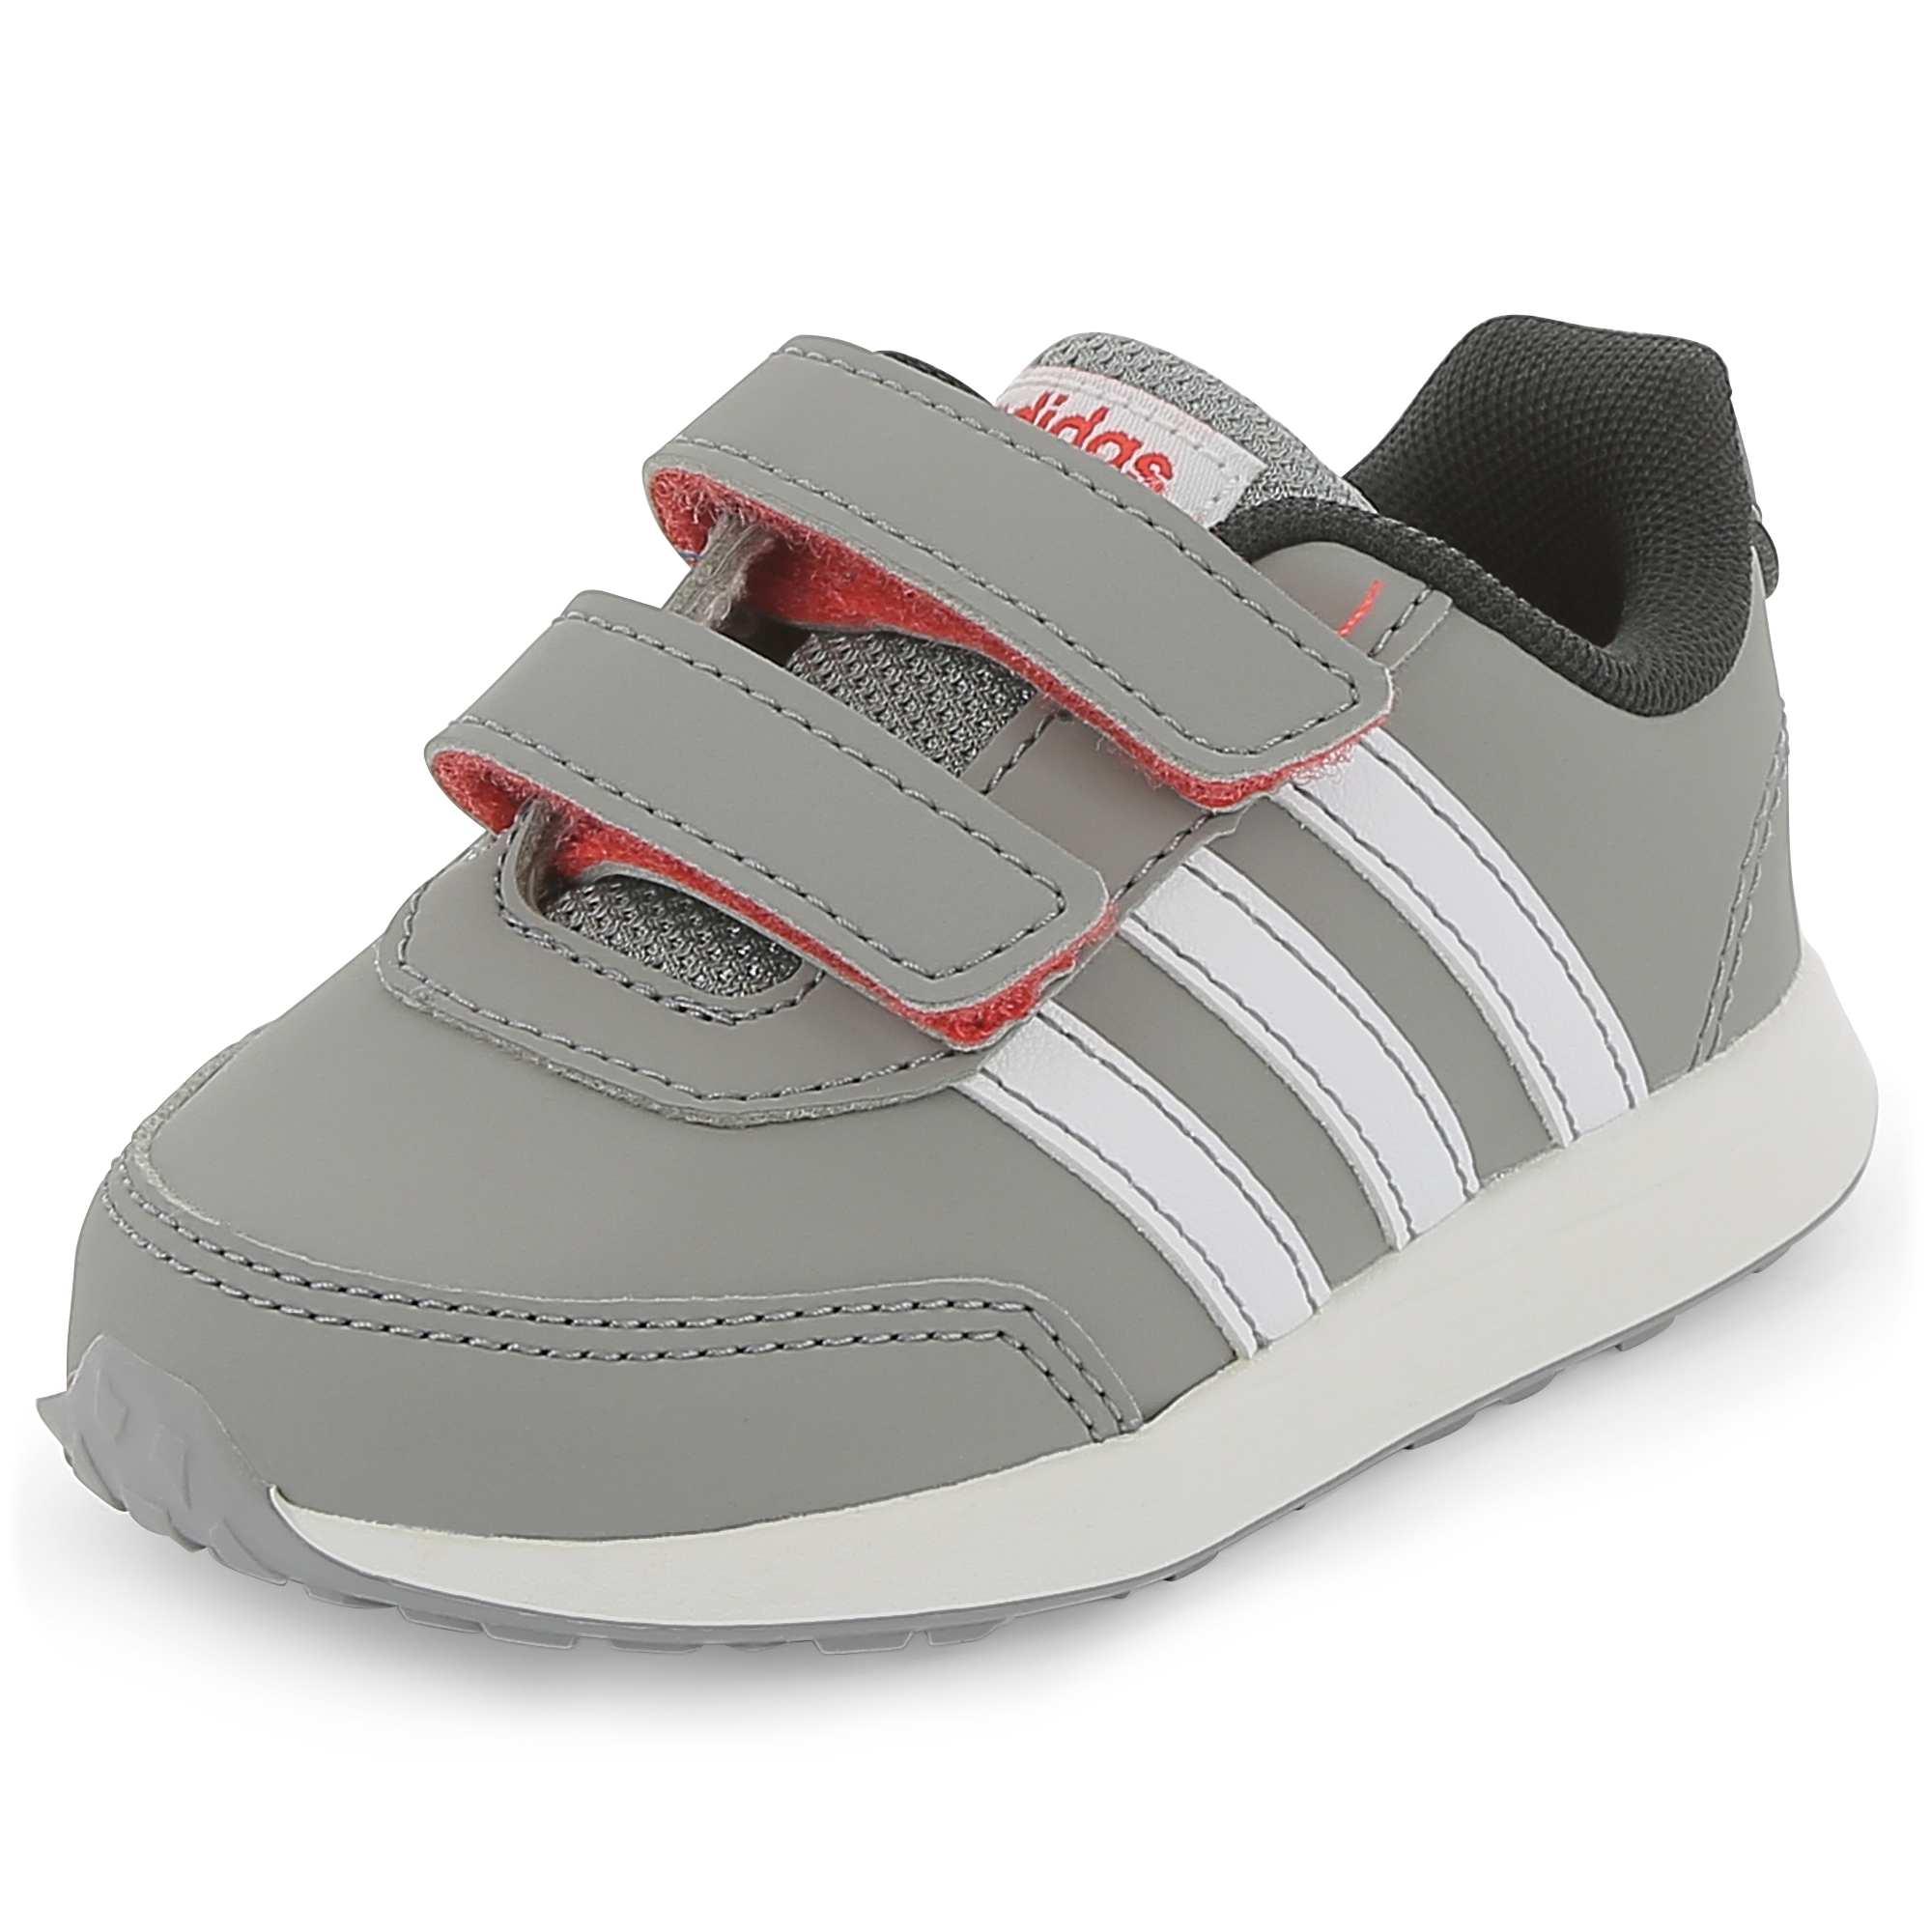 Chaussures Vs Inf Bébé De Neige Adidas Cmf Switch Enfant 2 Bottes 1wqCxZq5